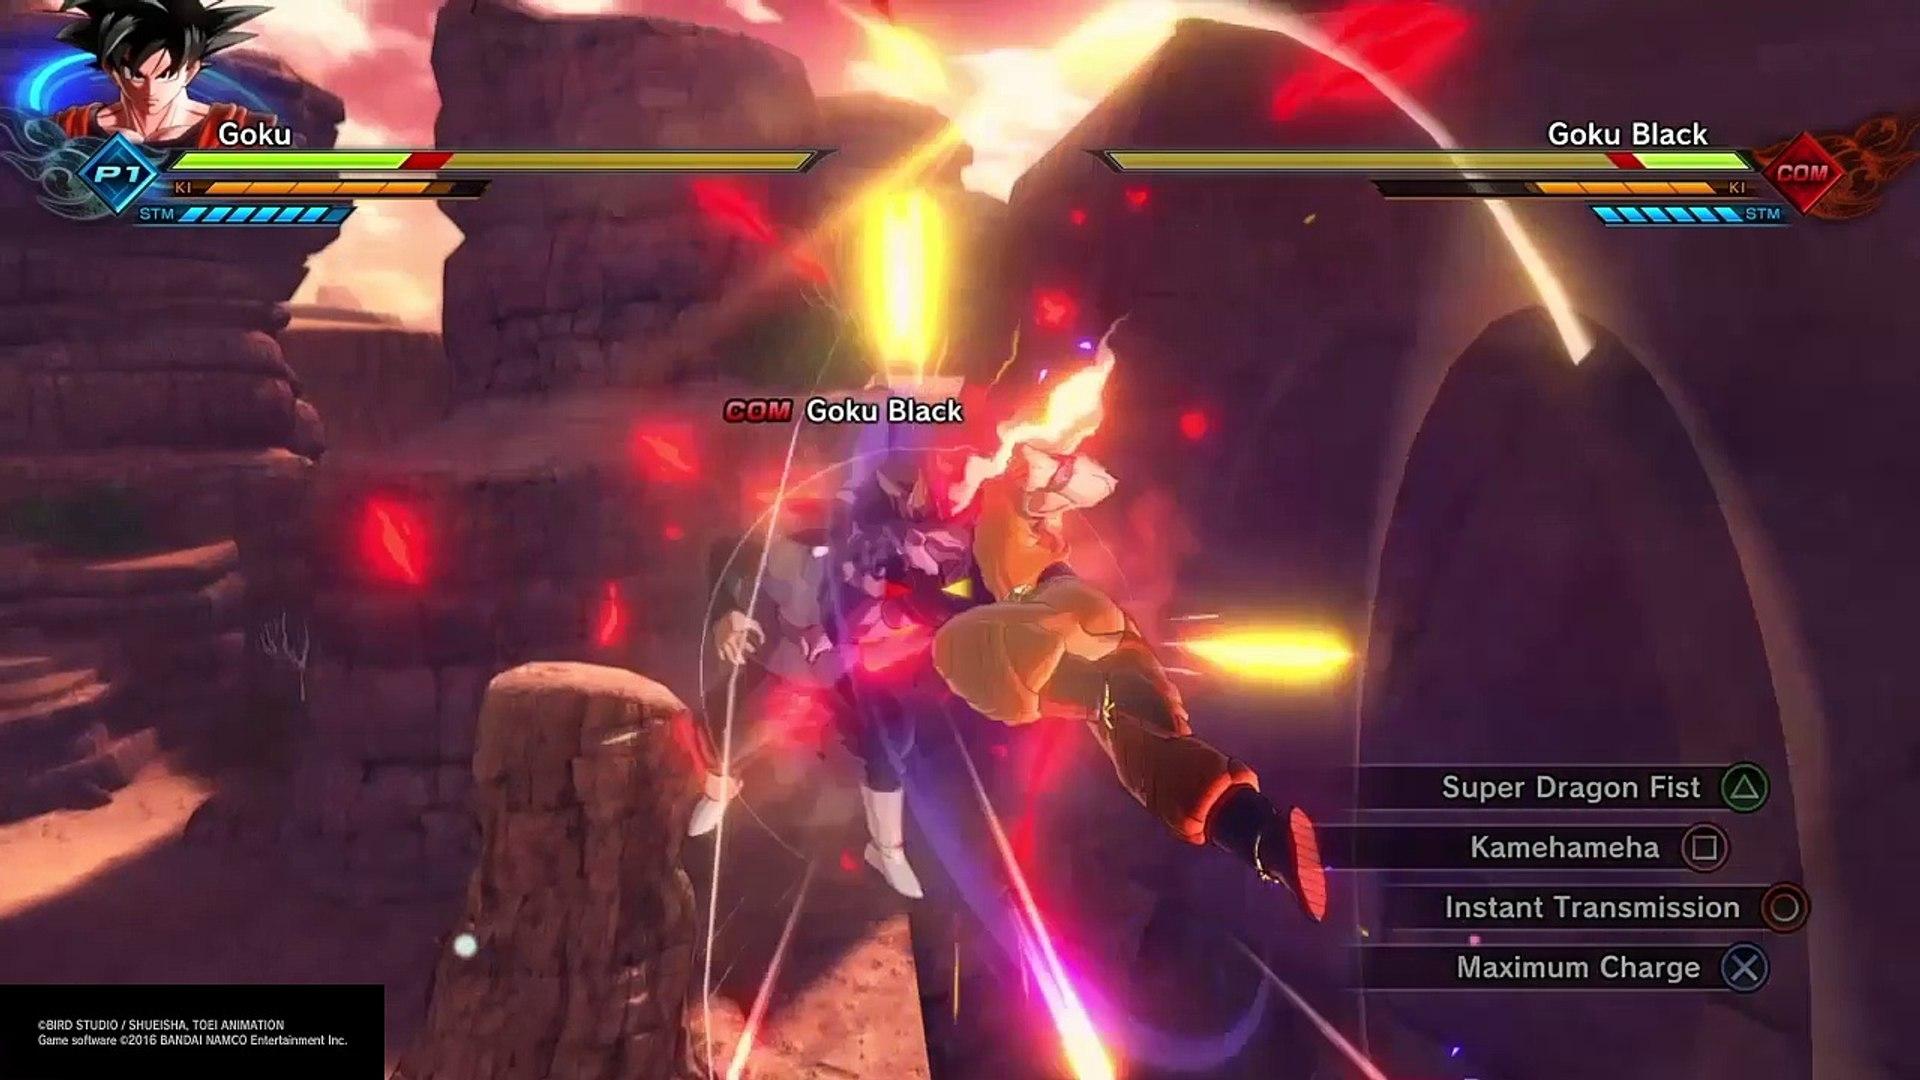 Ssj2 Goku Vs Goku Black Dbx2 Ps4 Gameplay Video Dailymotion